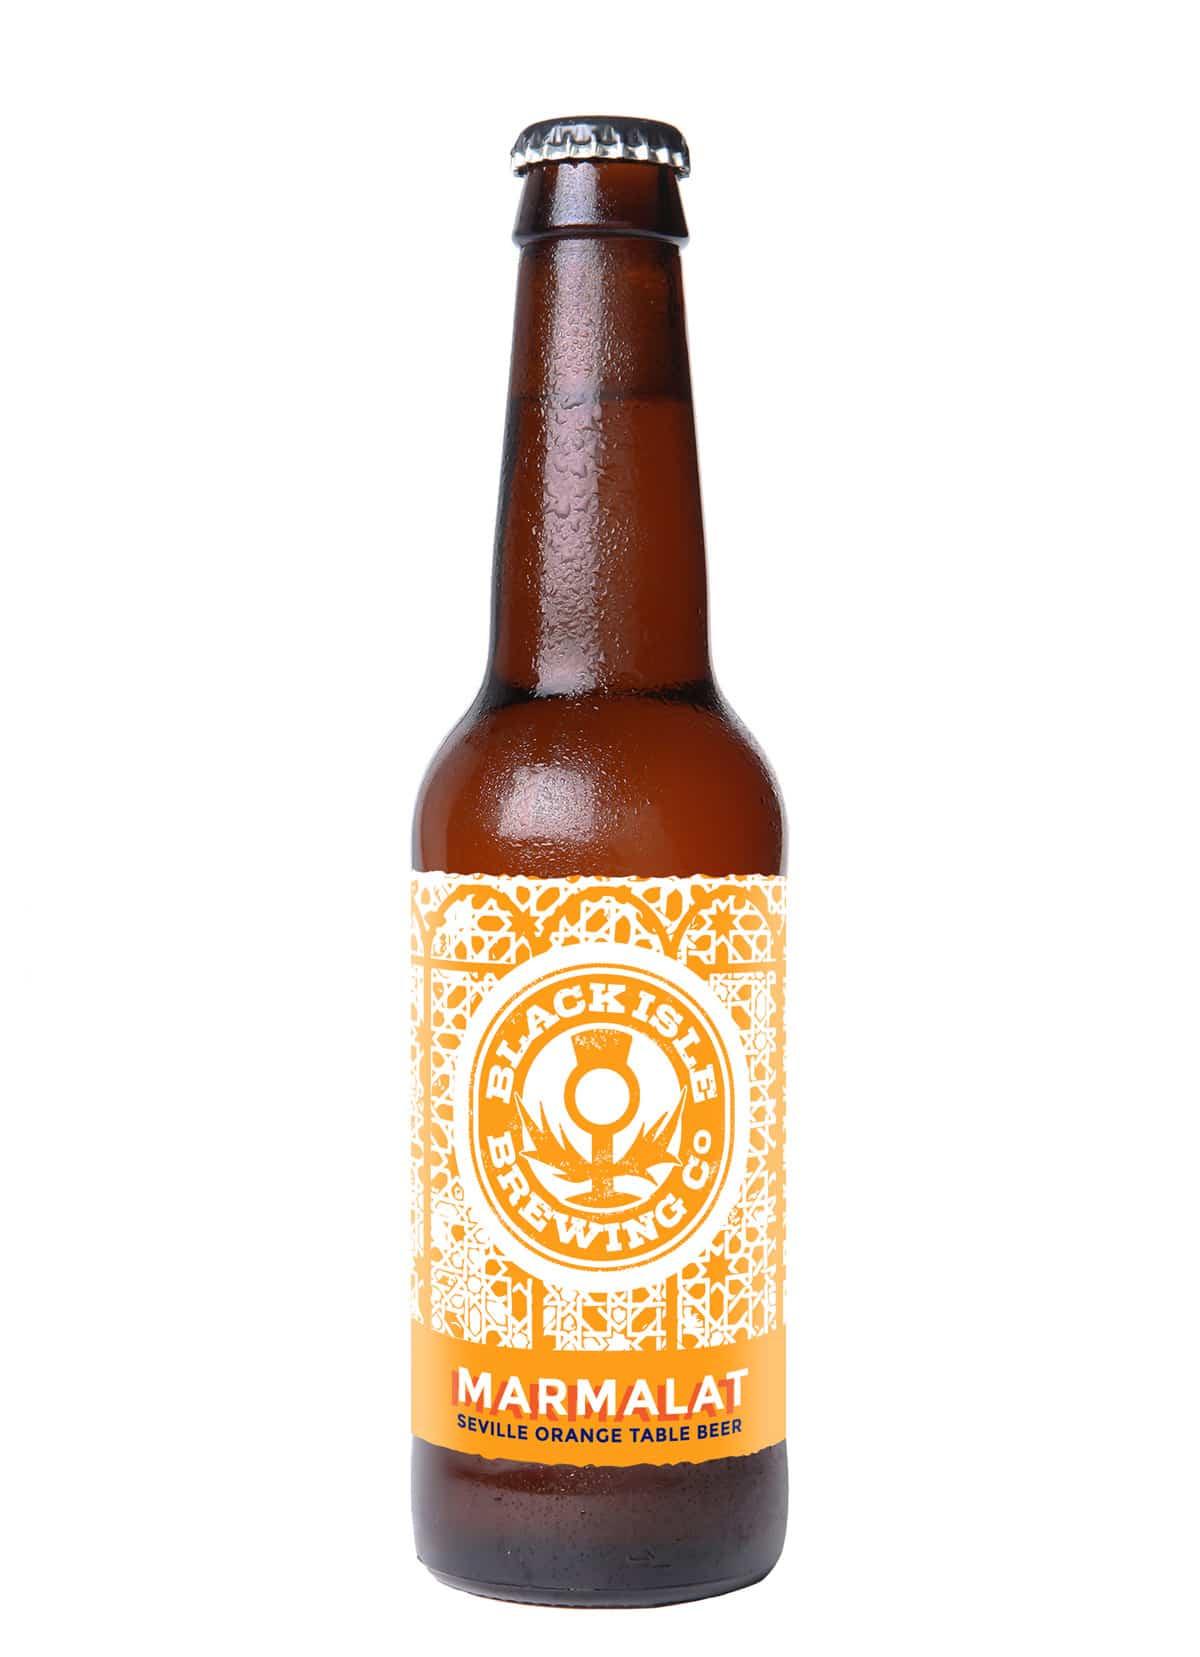 Marmalat